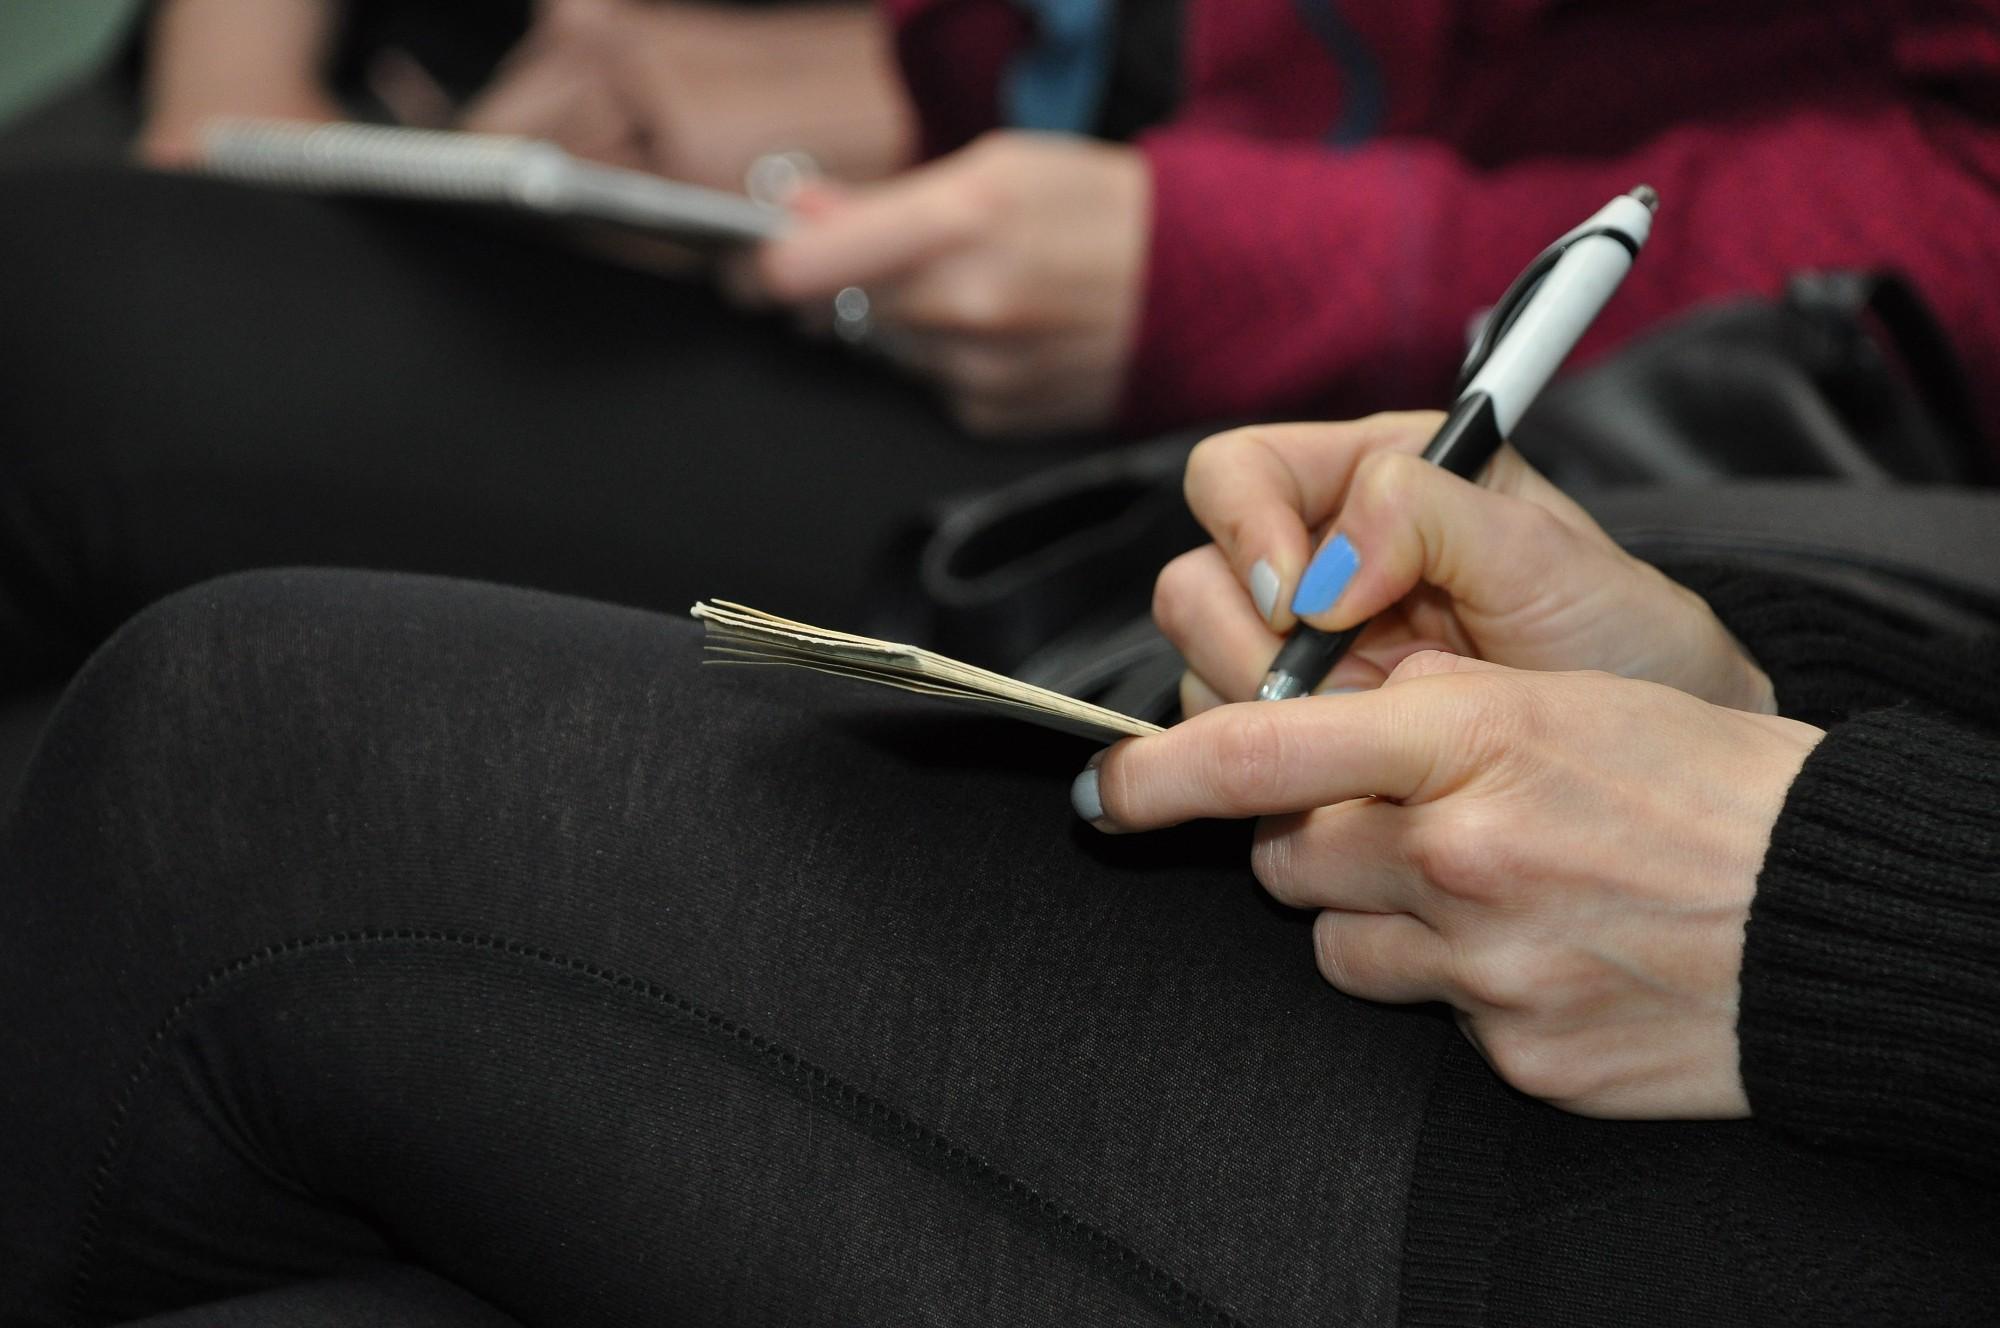 Labklājības ministrija vēlas palielināt sociālo uzņēmumu skaitu